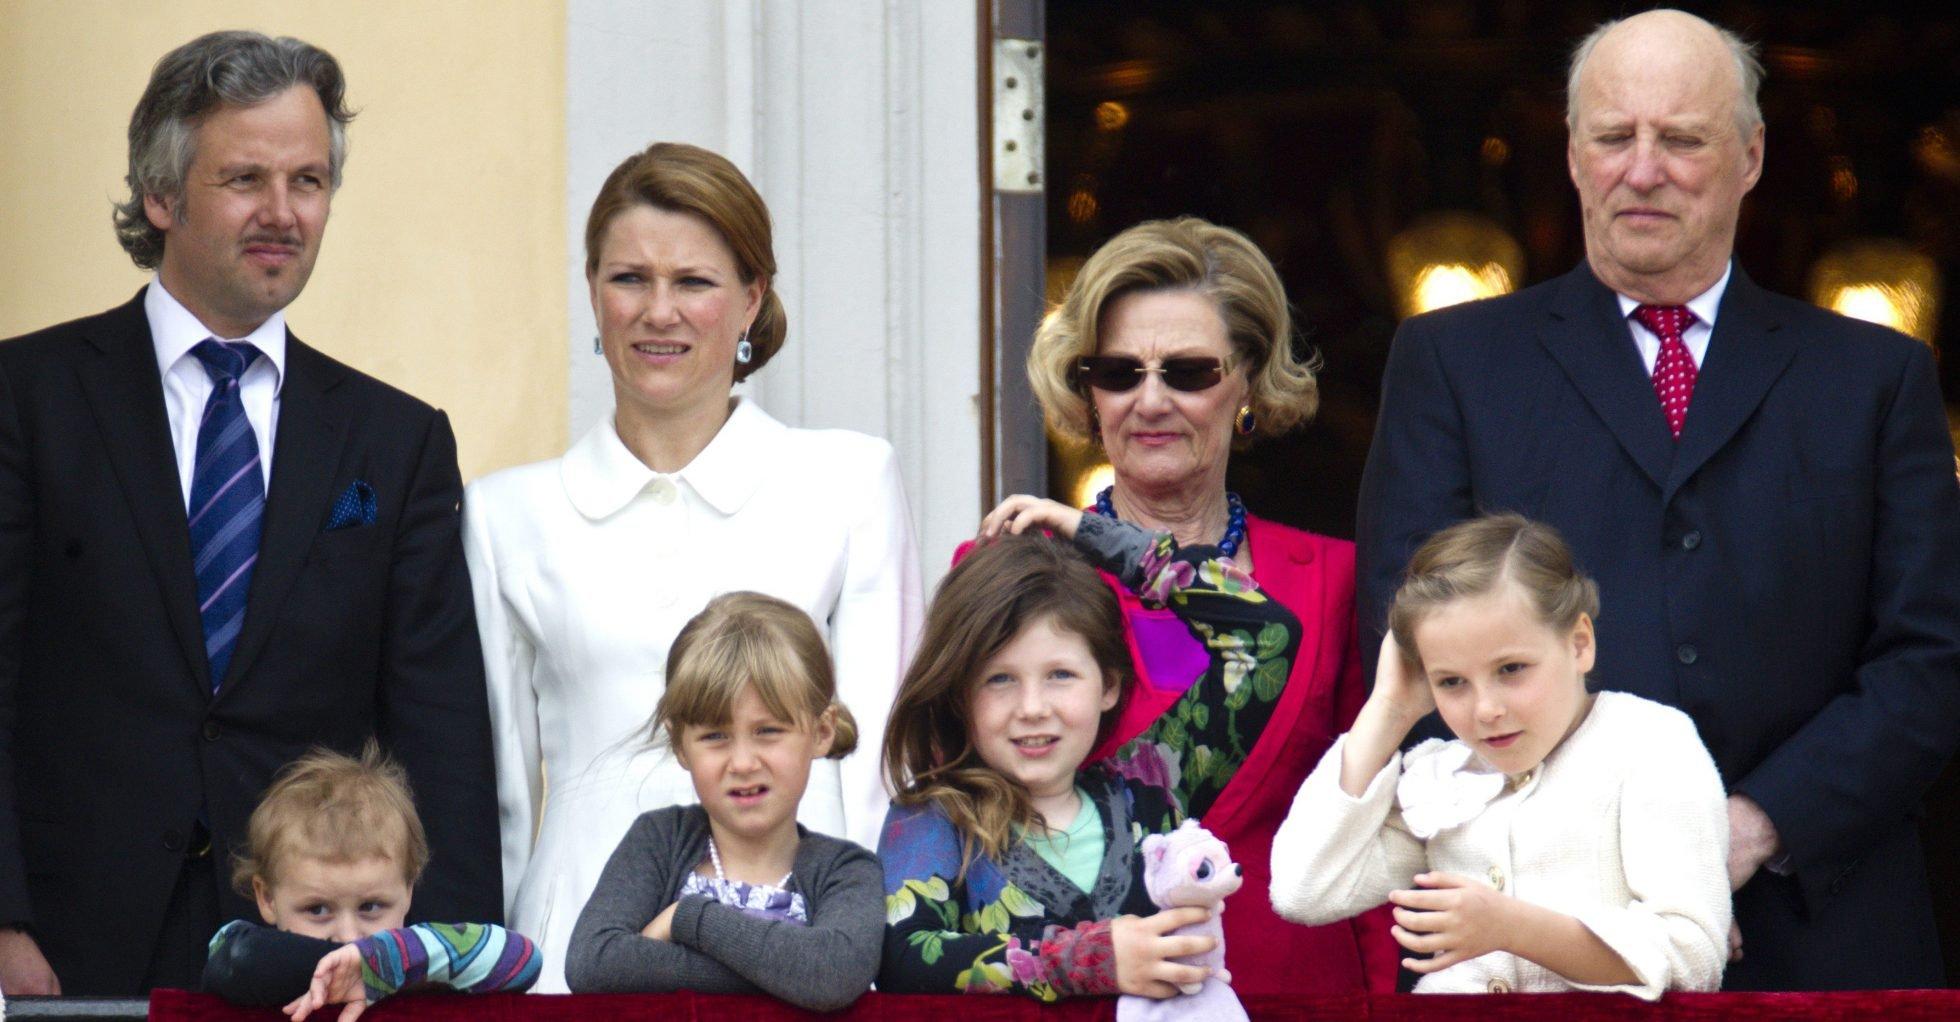 Ari Behns nära förhållande till den norska kungafamiljen varade i 20 år